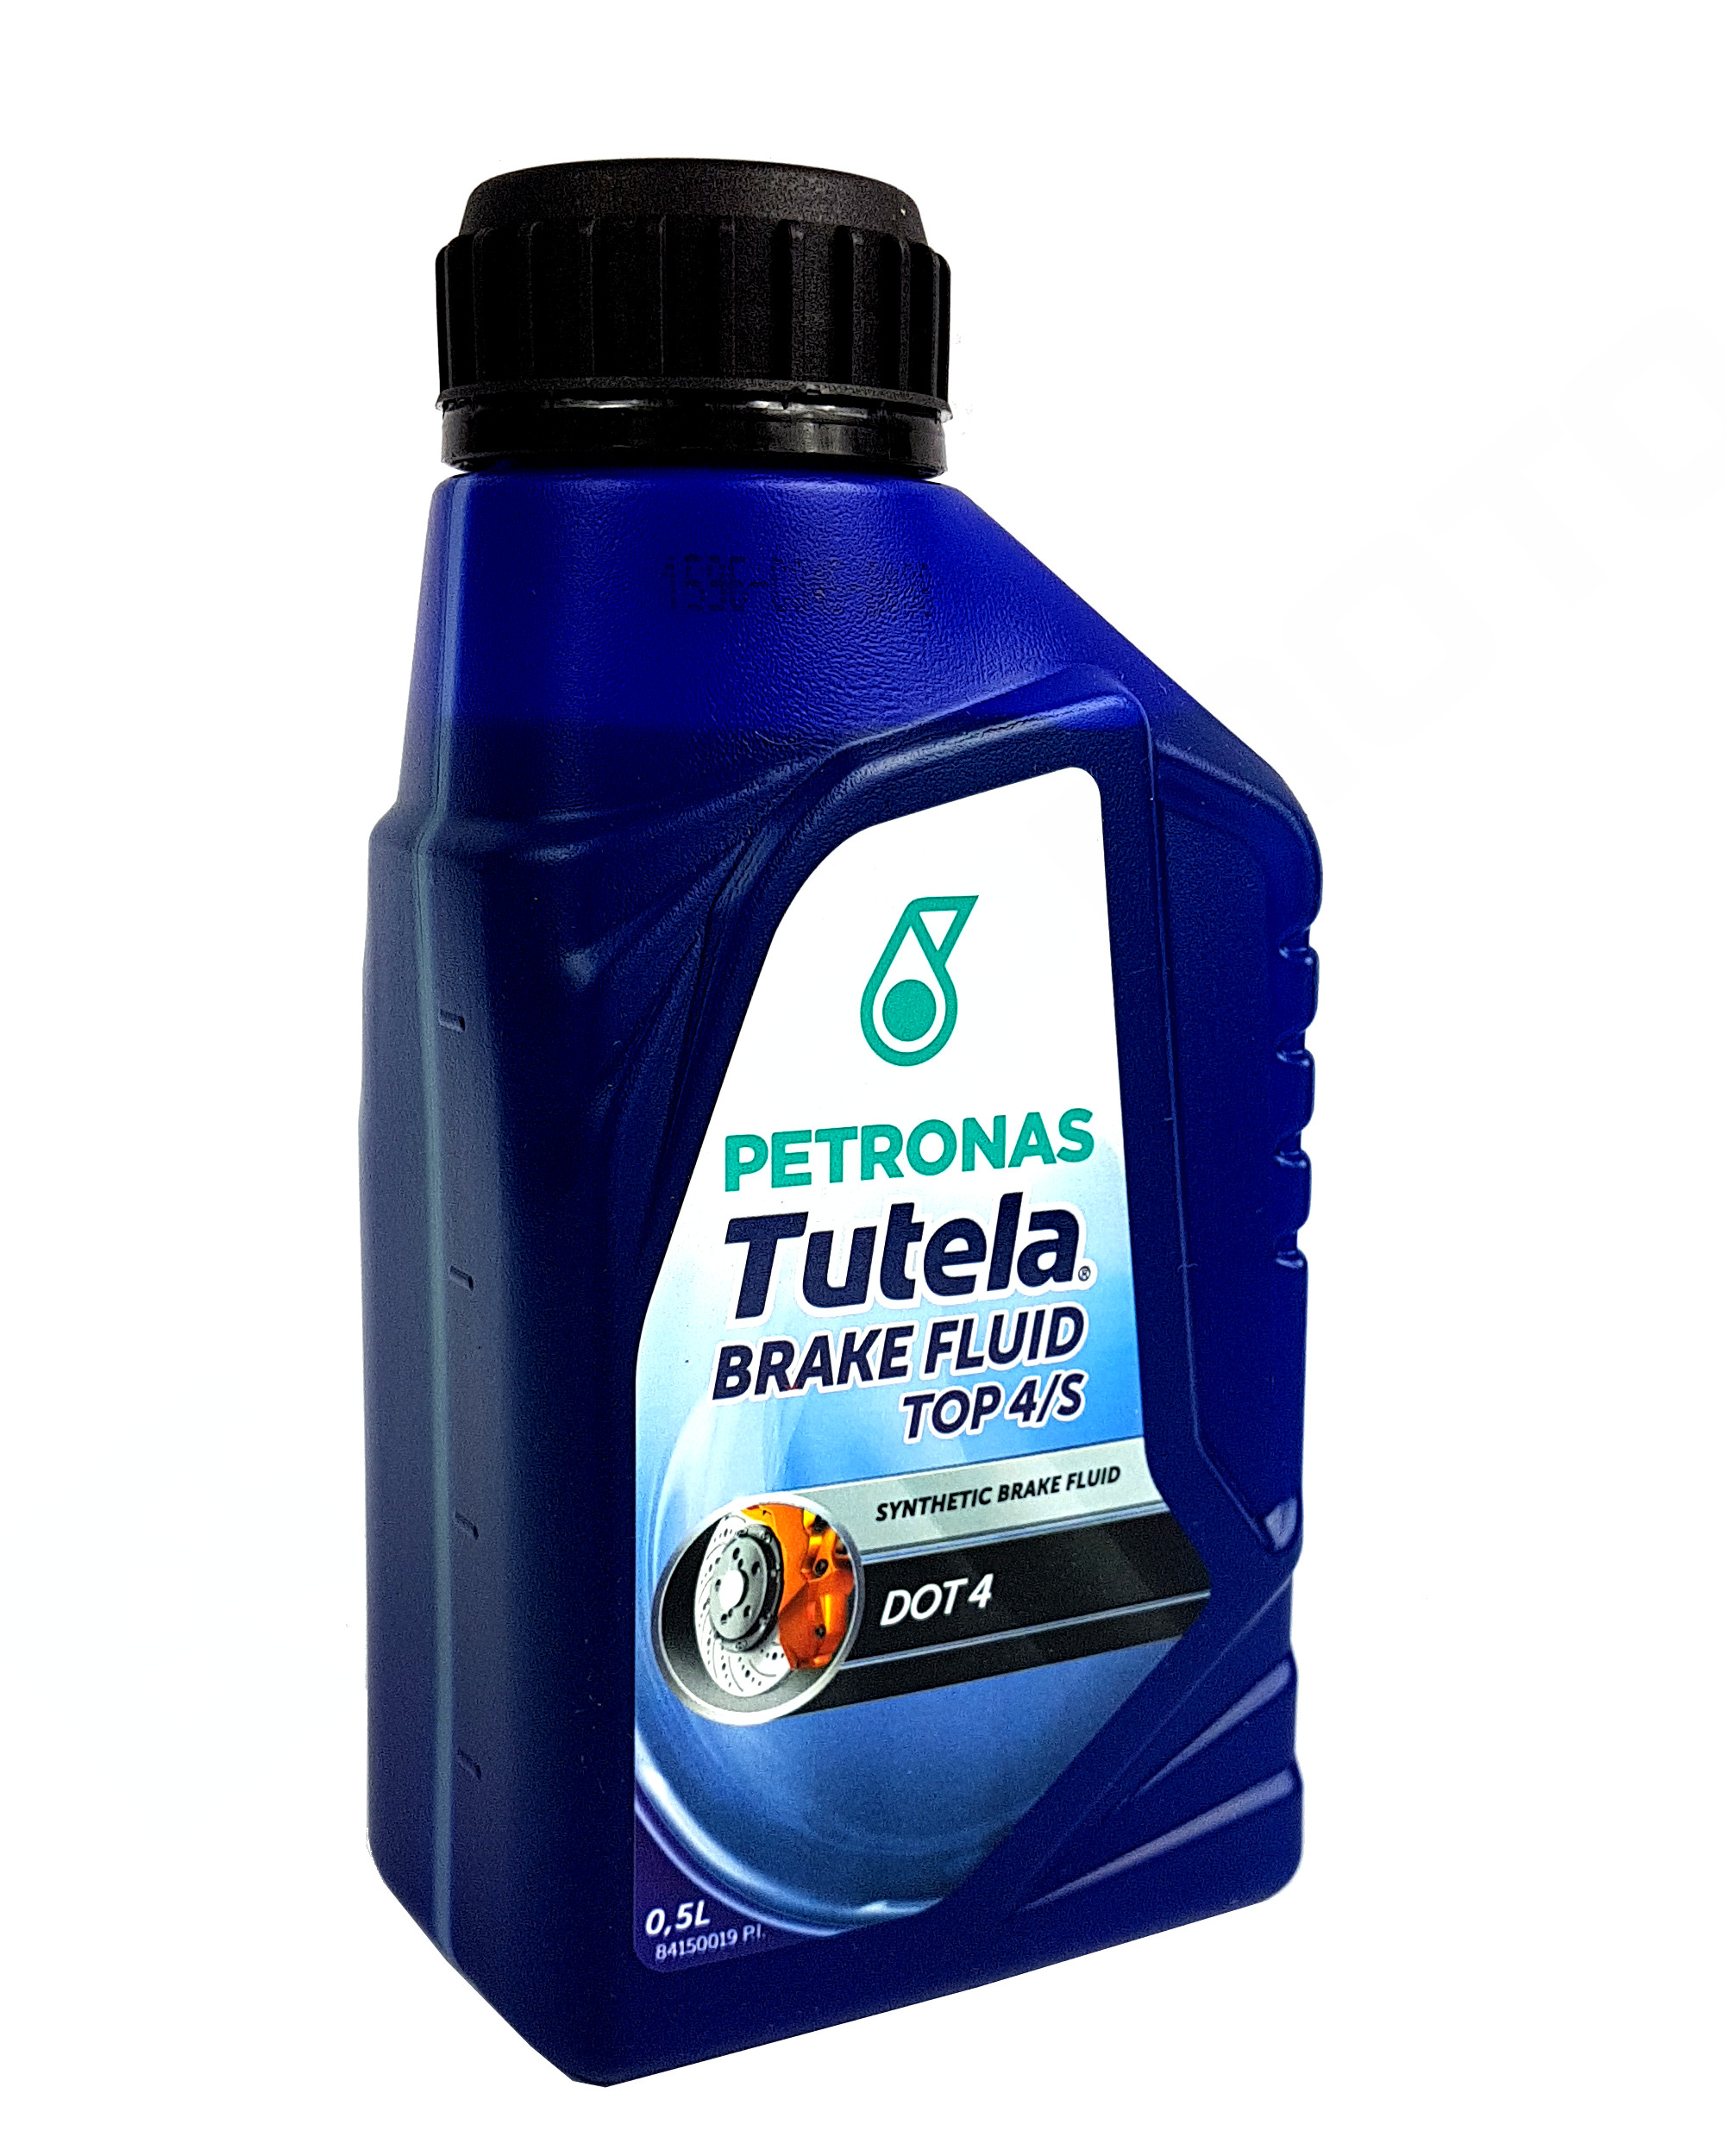 Тормозная жидкость Tutela TOP 4 /s (DOT-4) 500 мл